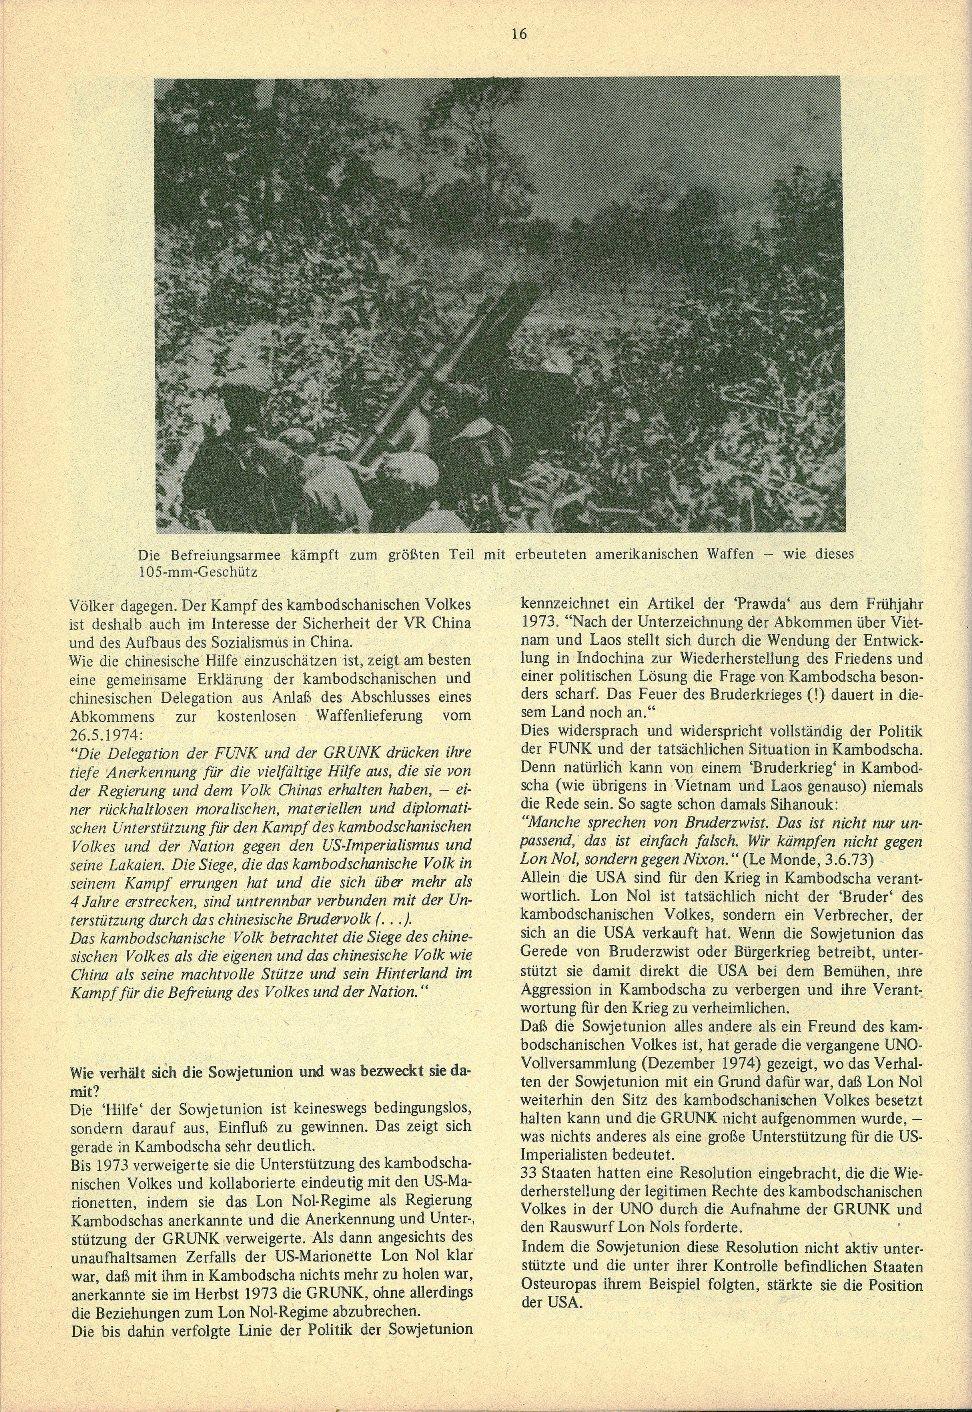 Kambodscha_1974_Das_Volk_besiegt_den_Imperialismus016